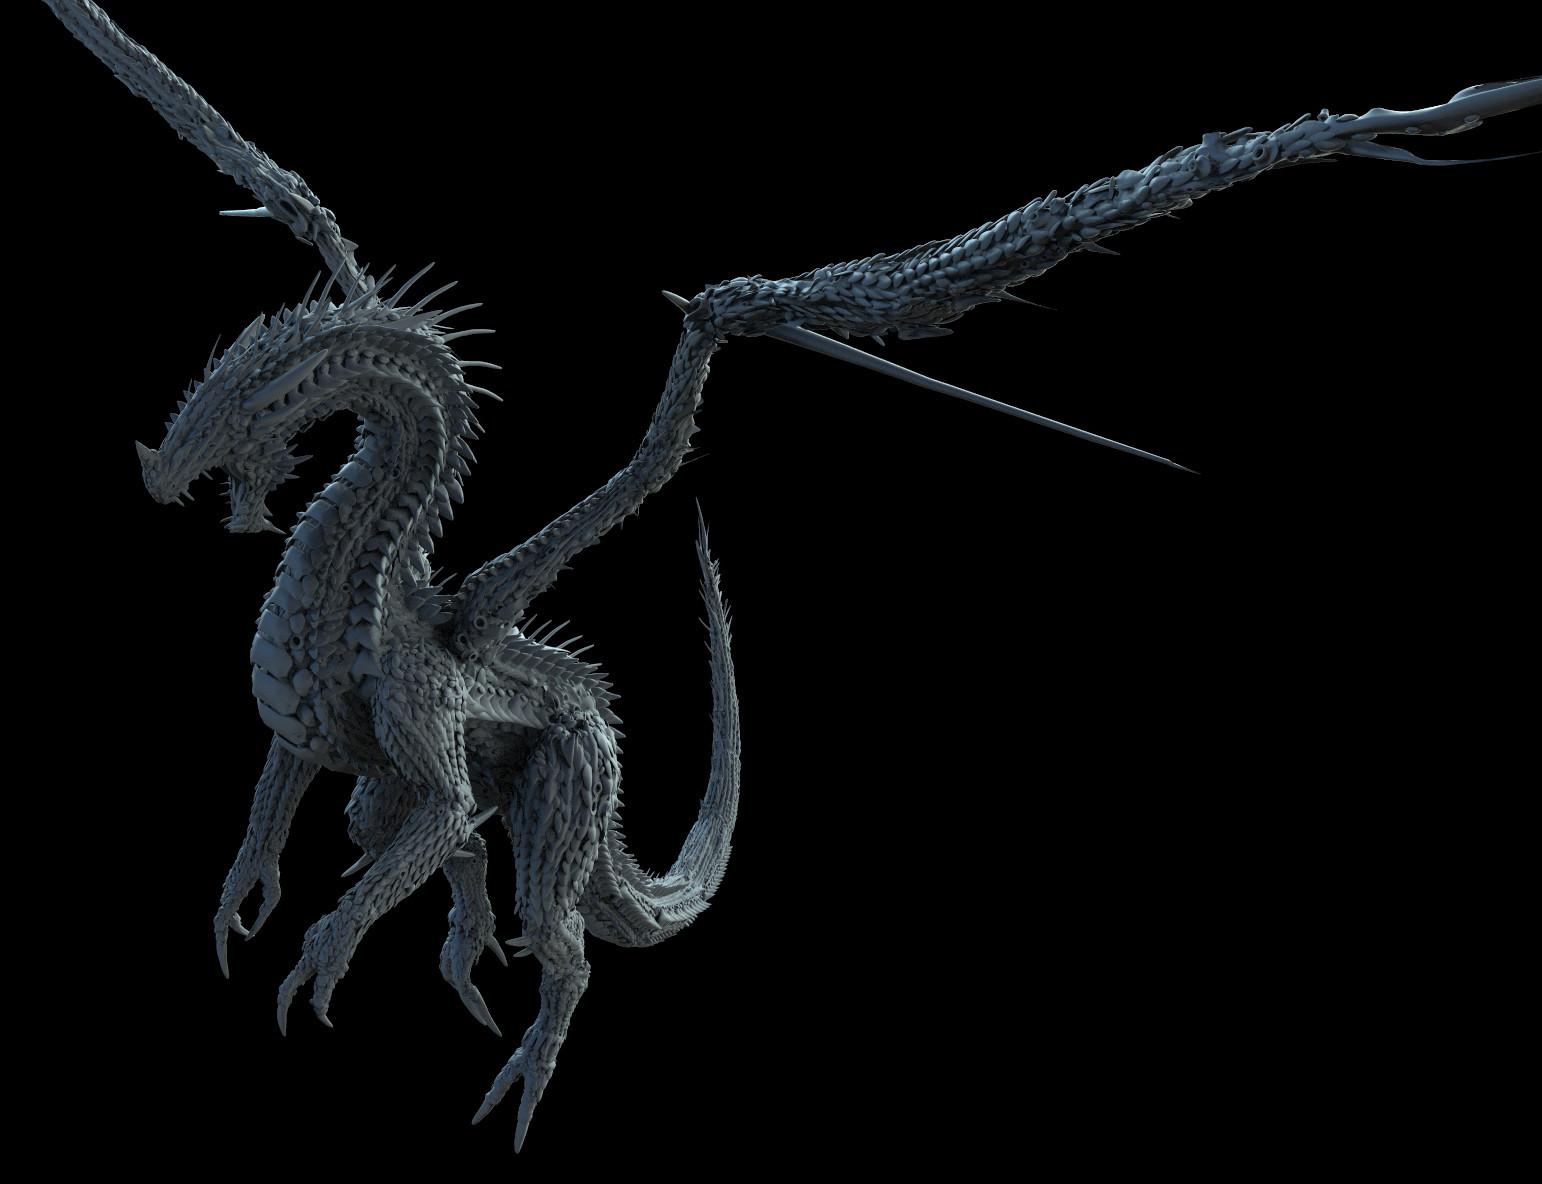 Tek tan dragon 2 540